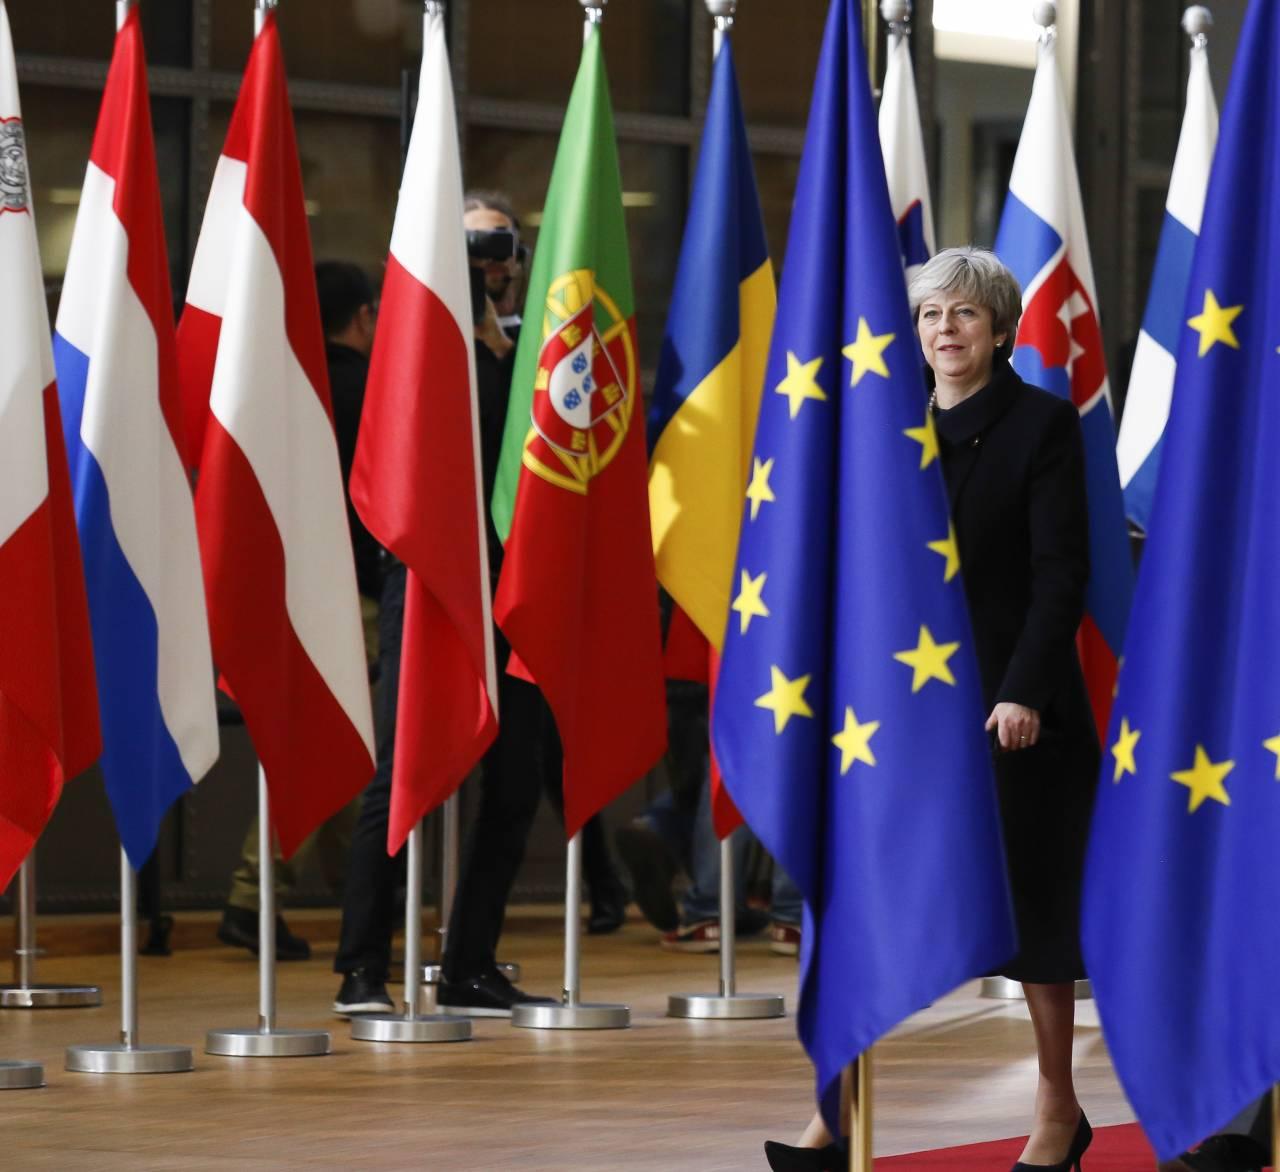 ЕКубеждена, что соглашение поBrexit будет ратифицировано кзиме следующего 2018г